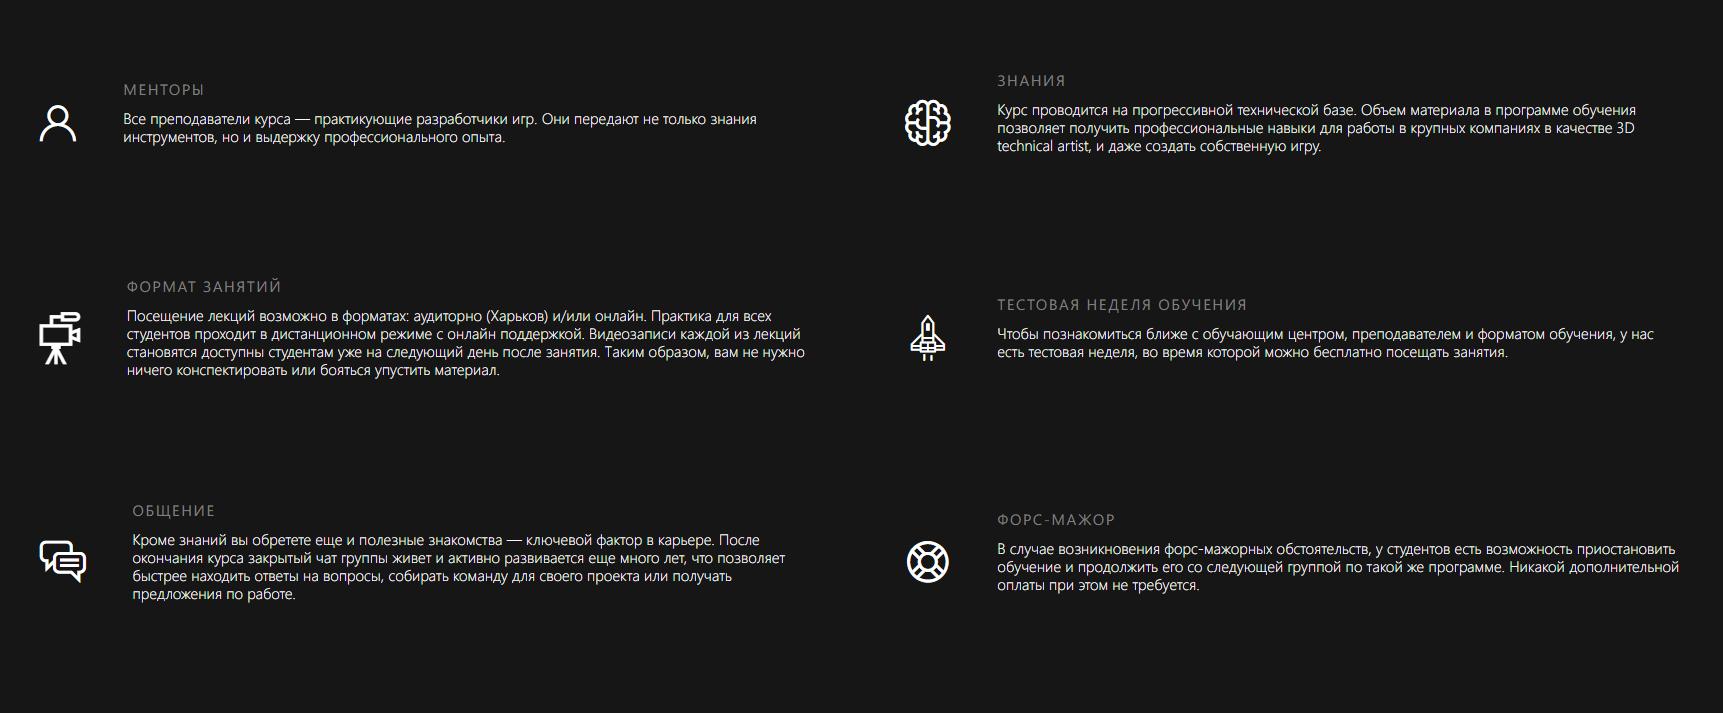 курсы для разработчиков игр.png